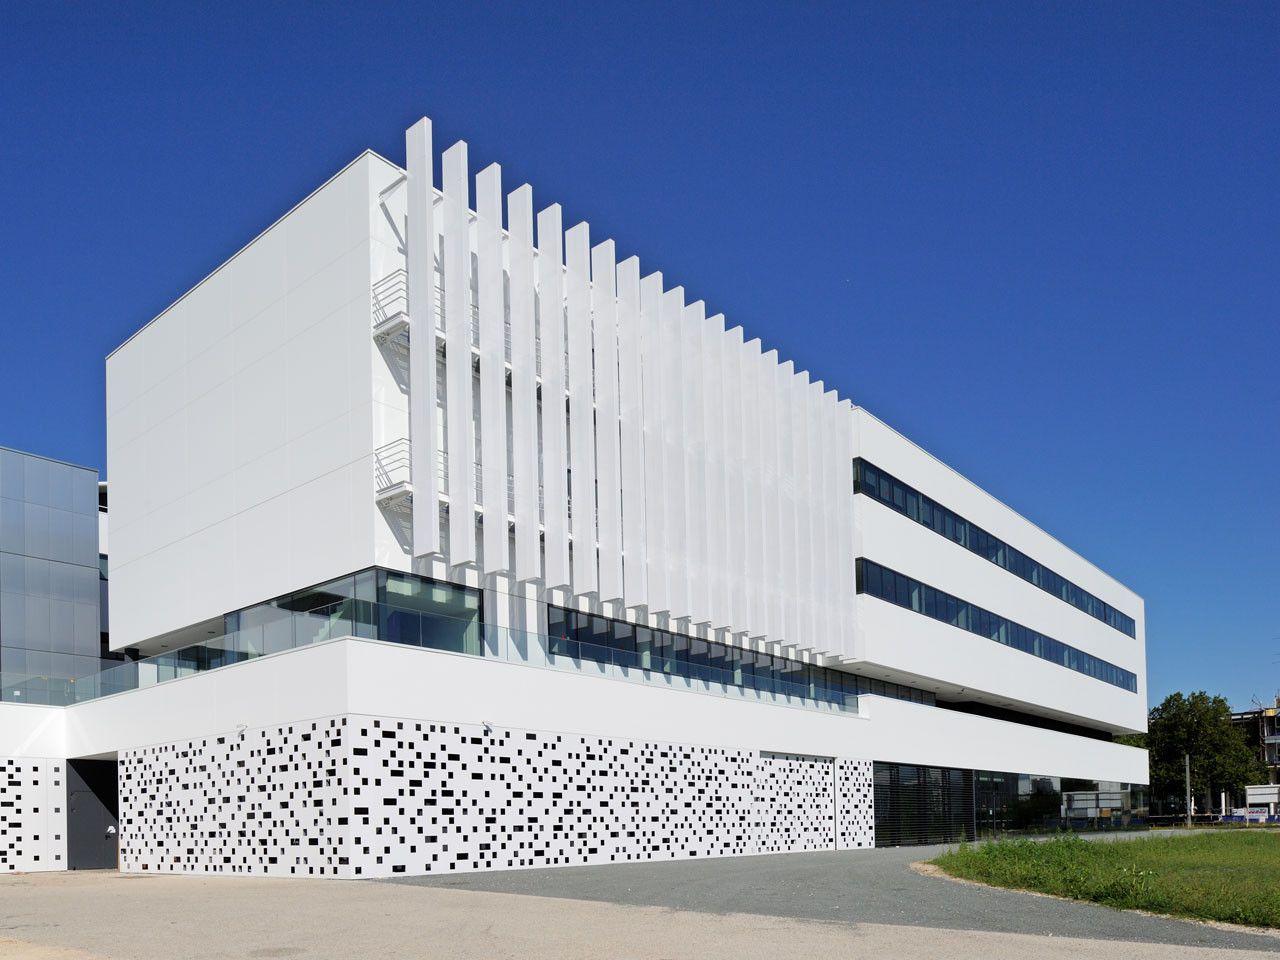 La fachada ventilada: tendencia dentro de la arquitectura